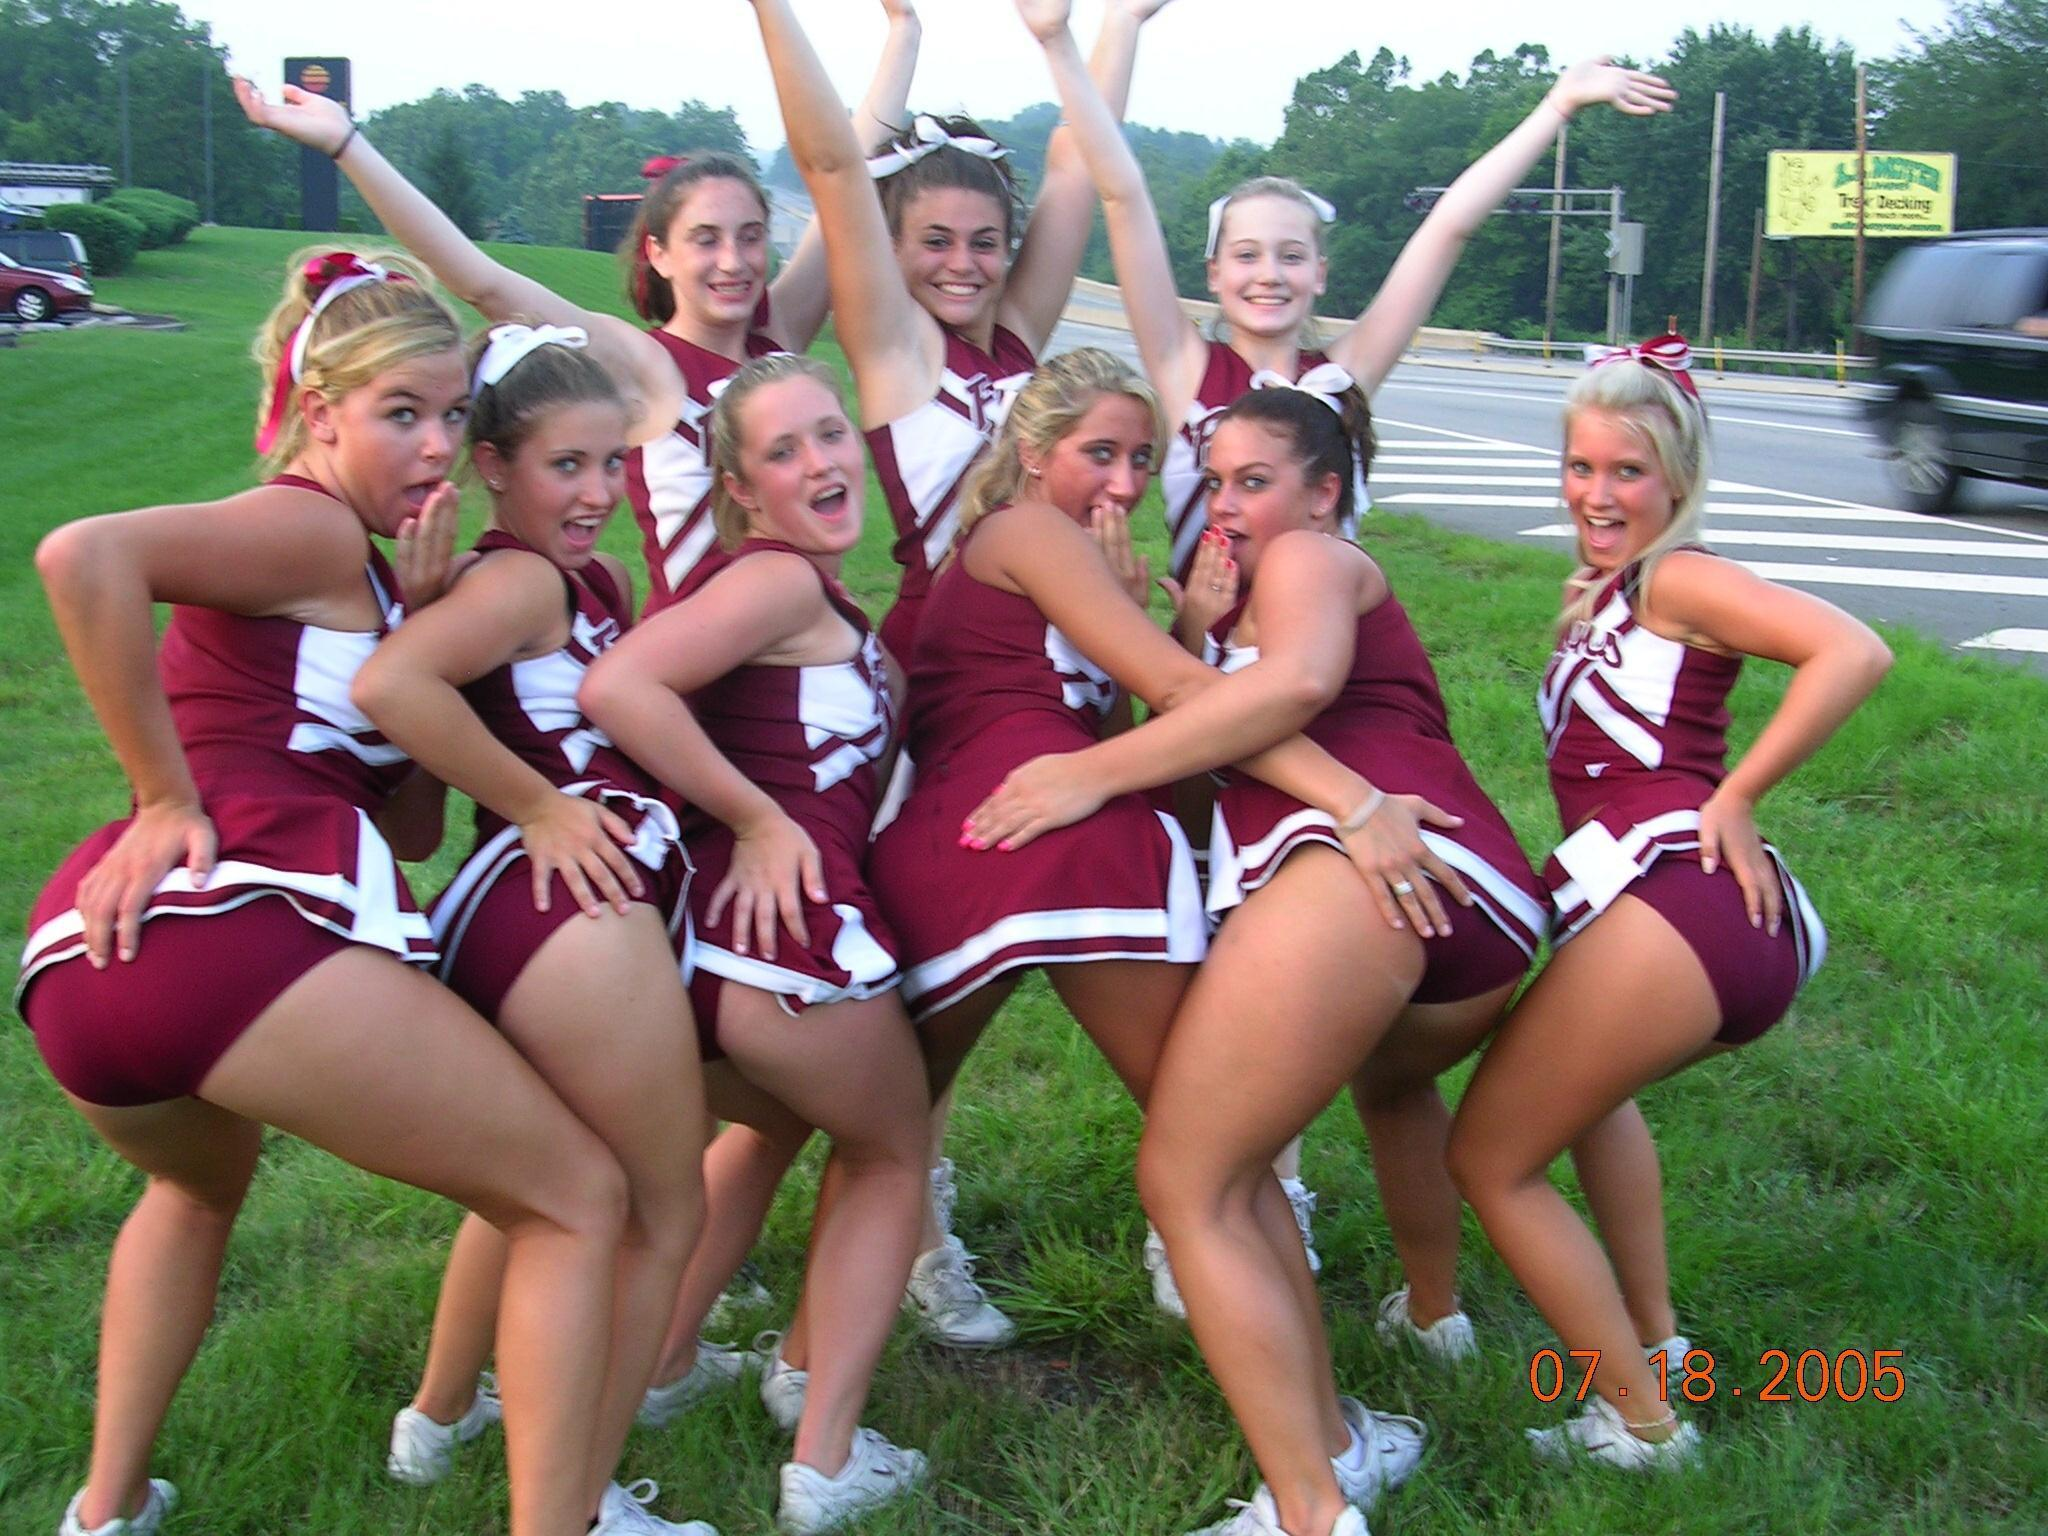 Real voyeur candid cheerleader